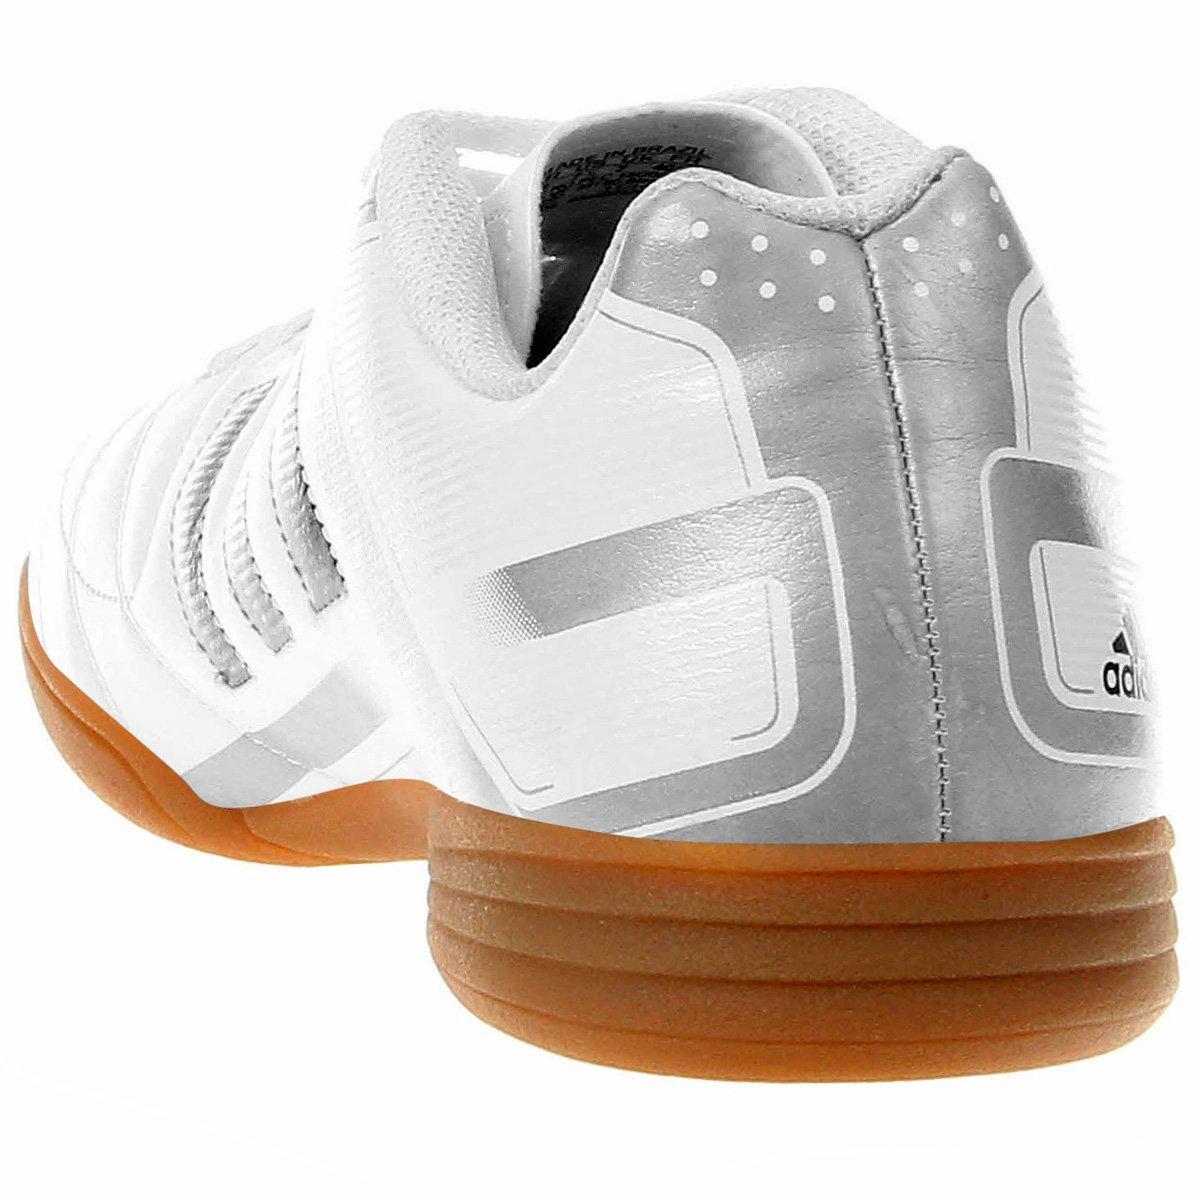 Chuteira Adidas Puntero 9 IN Futsal - Compre Agora  27e92982503ee